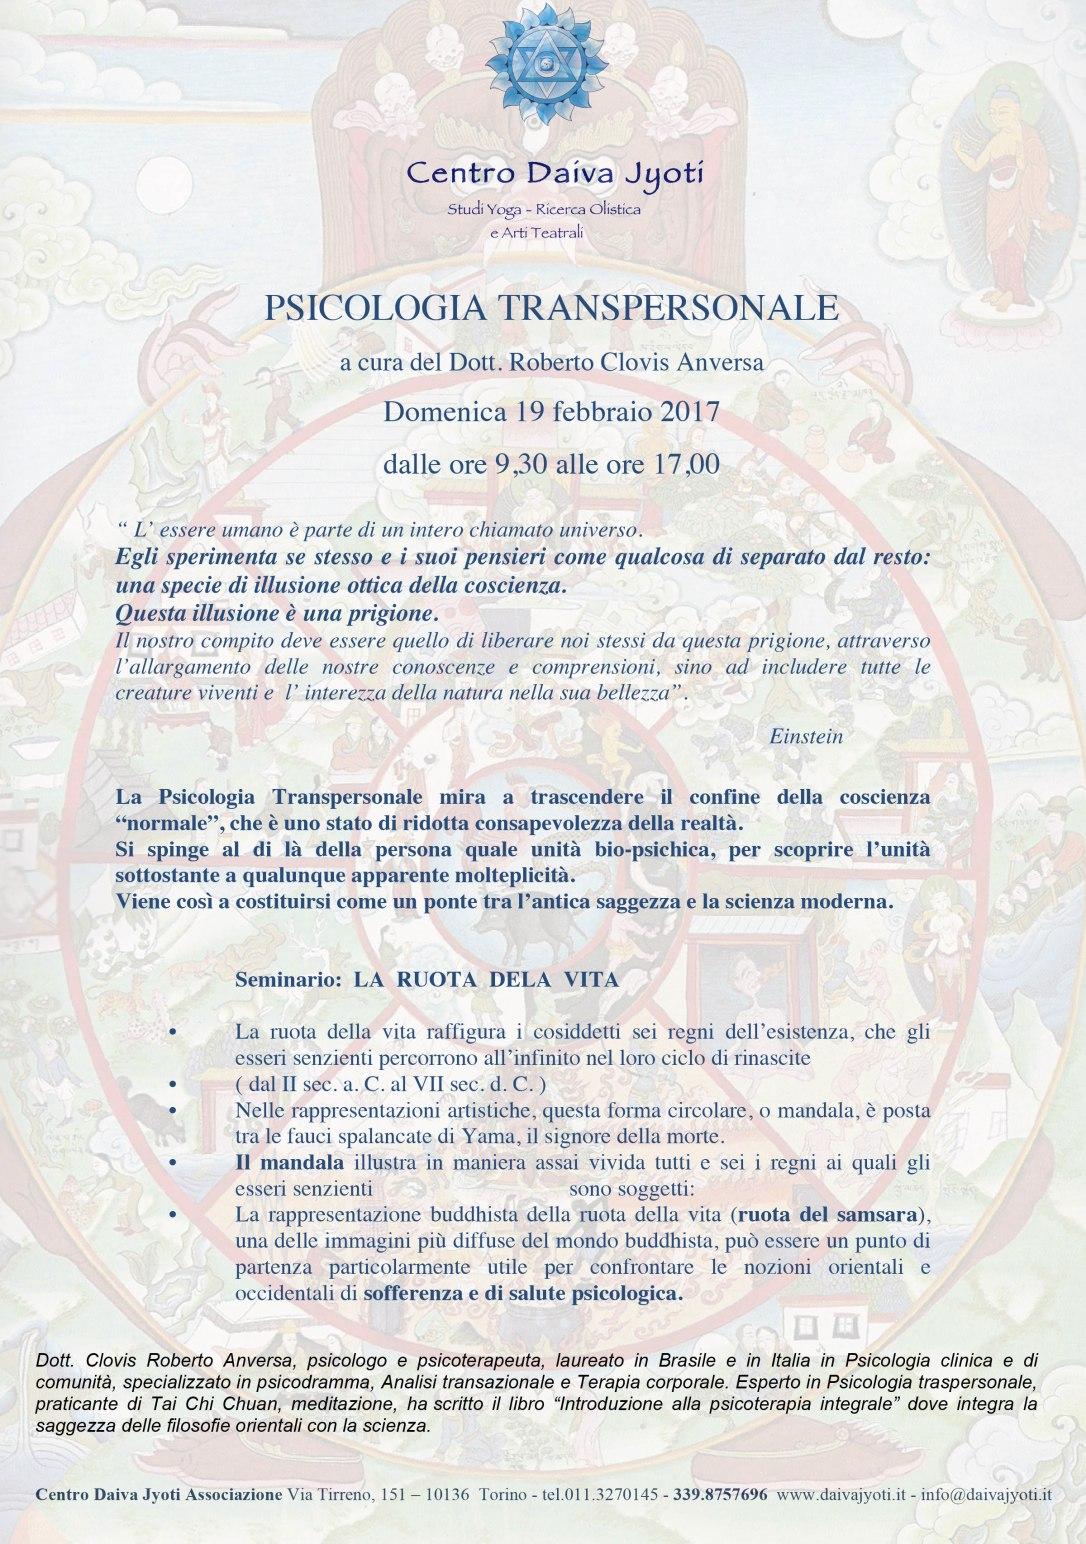 Microsoft Word - pre PSICOLOGIA TRANSPERSONALE - LA RUOTA DELLA